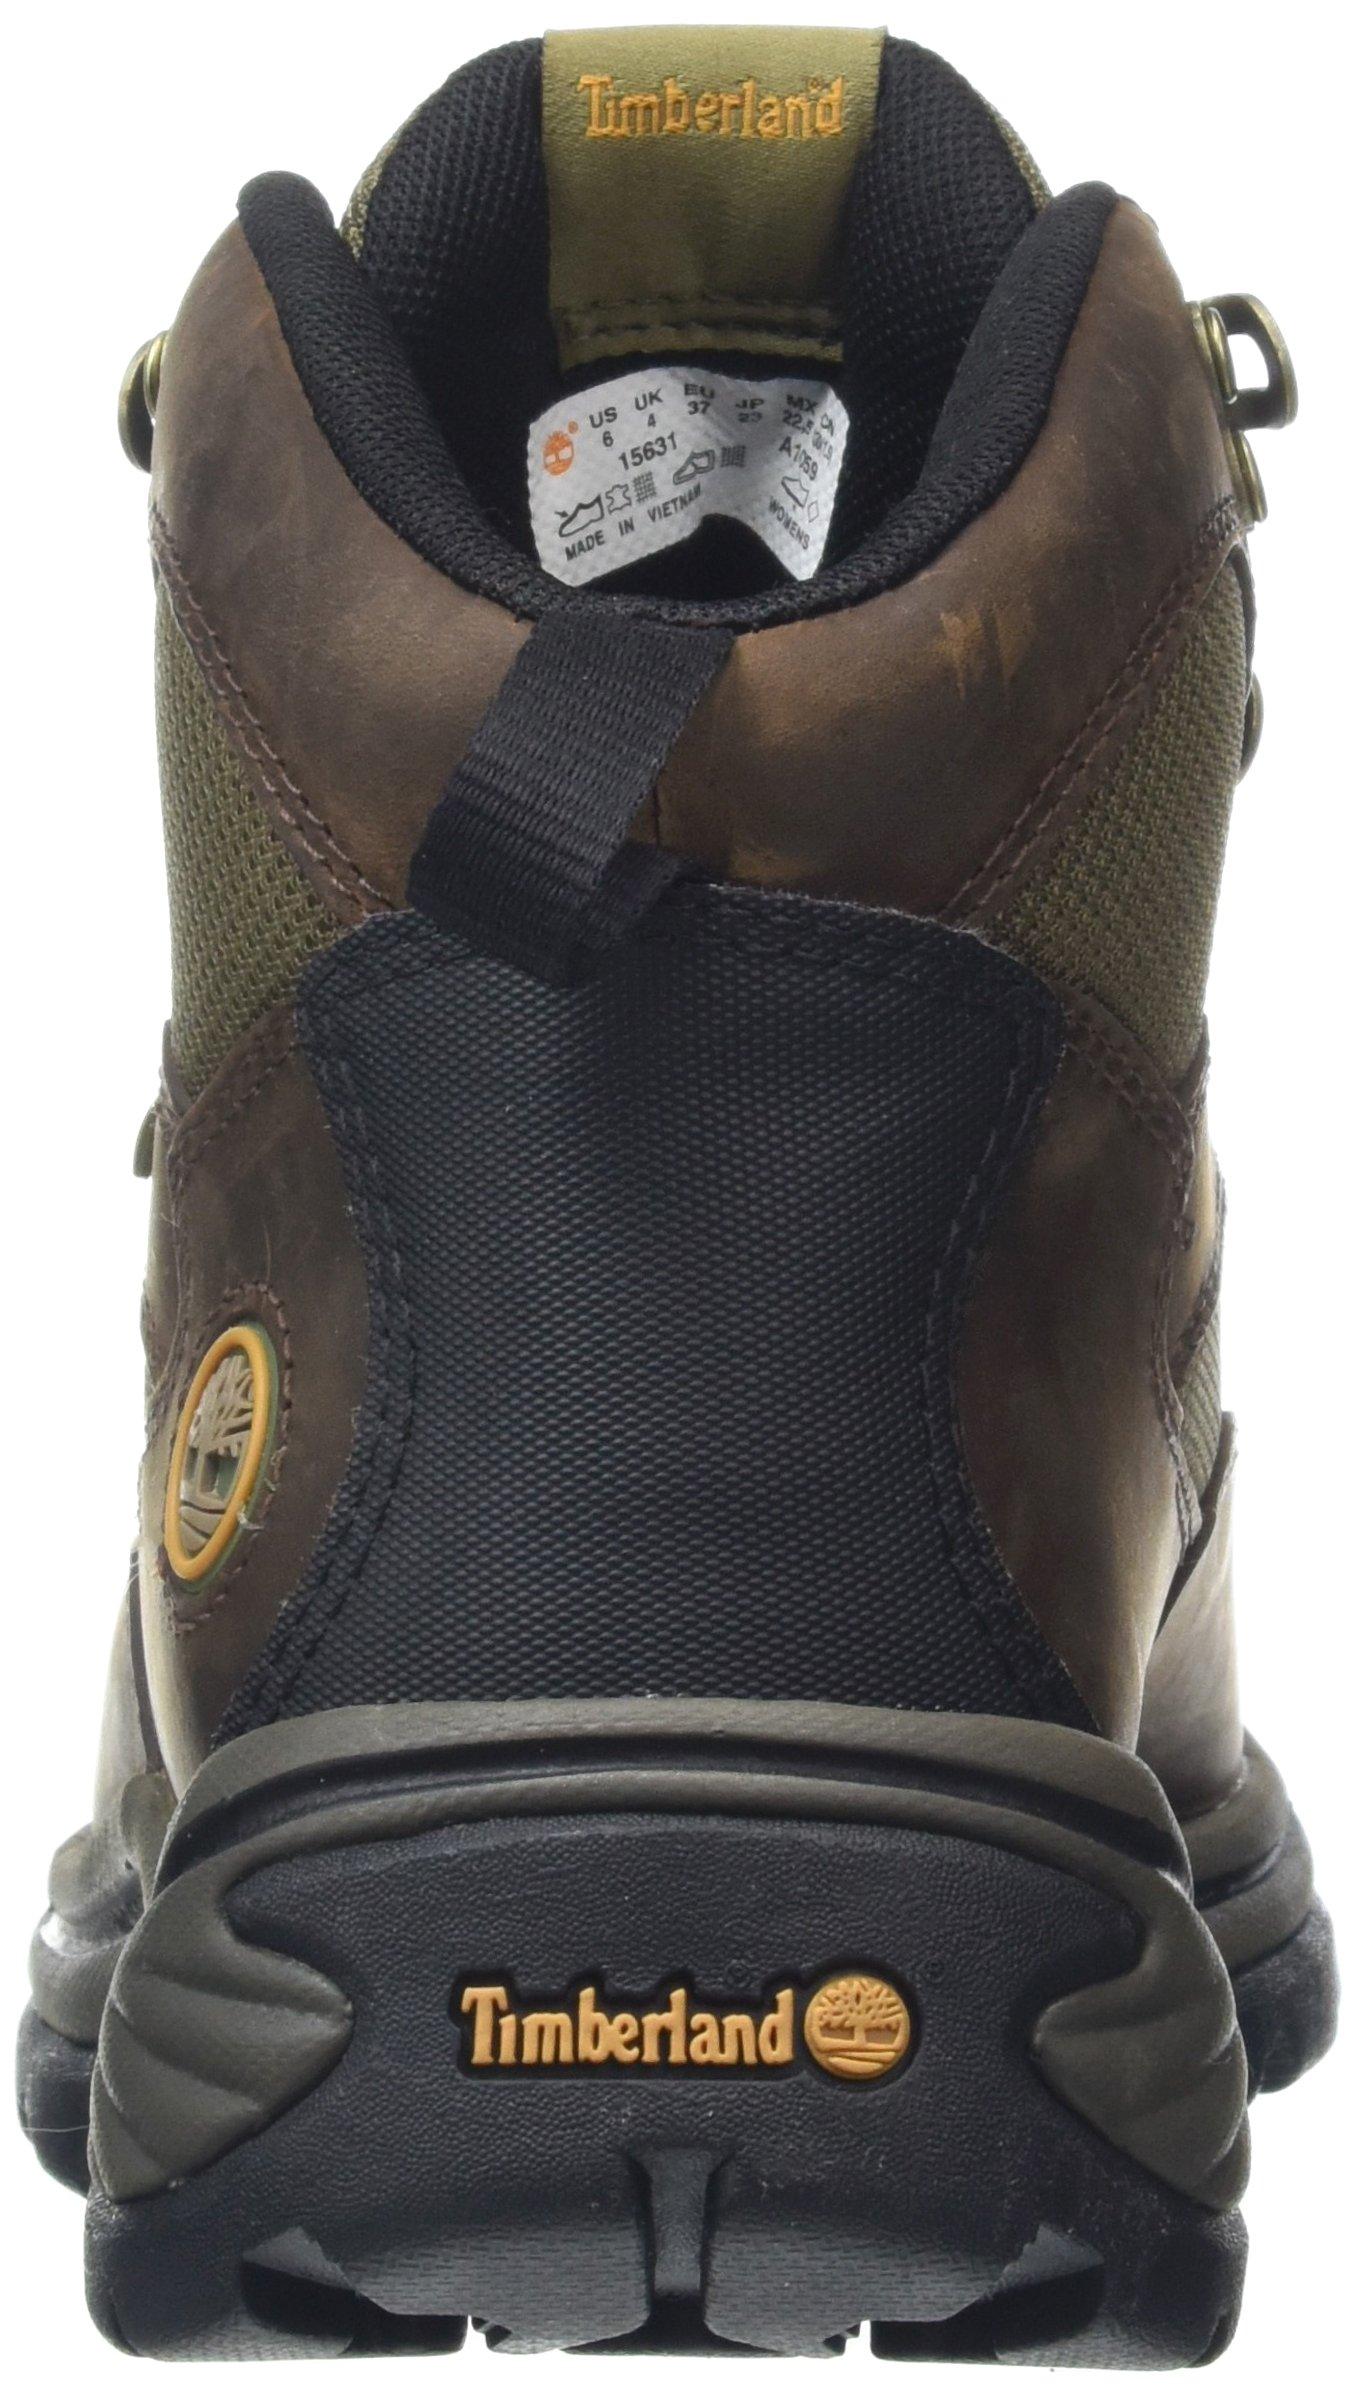 Timberland Women's Chocorua Trail Boot,Brown,8 M by Timberland (Image #2)